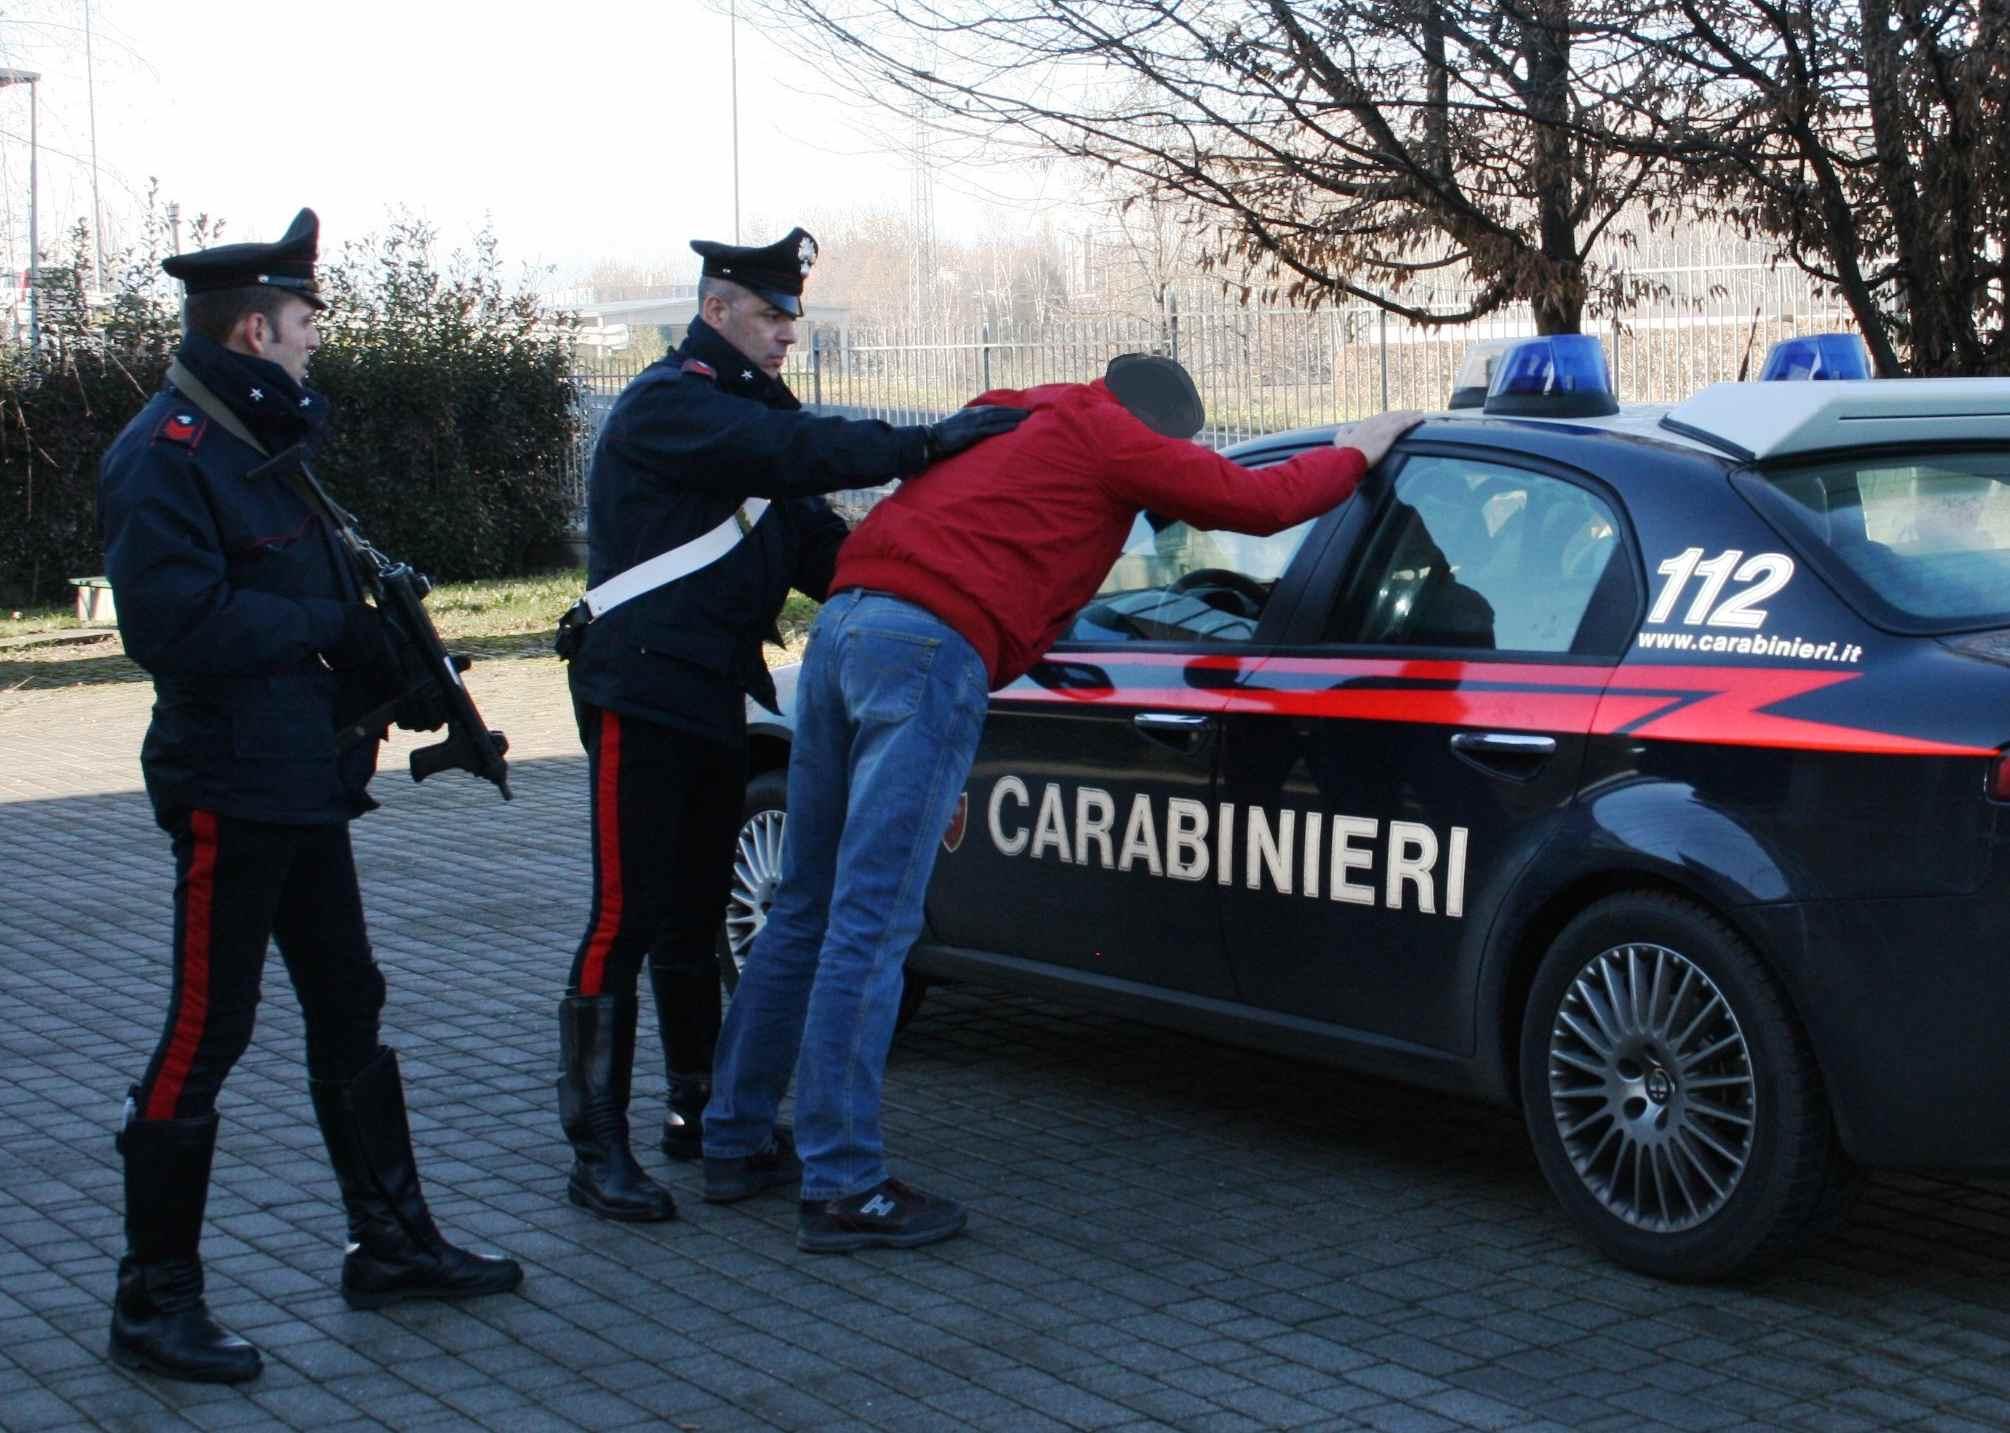 La Guida - Armi e droga in cucina, arrestato giovane a Savigliano